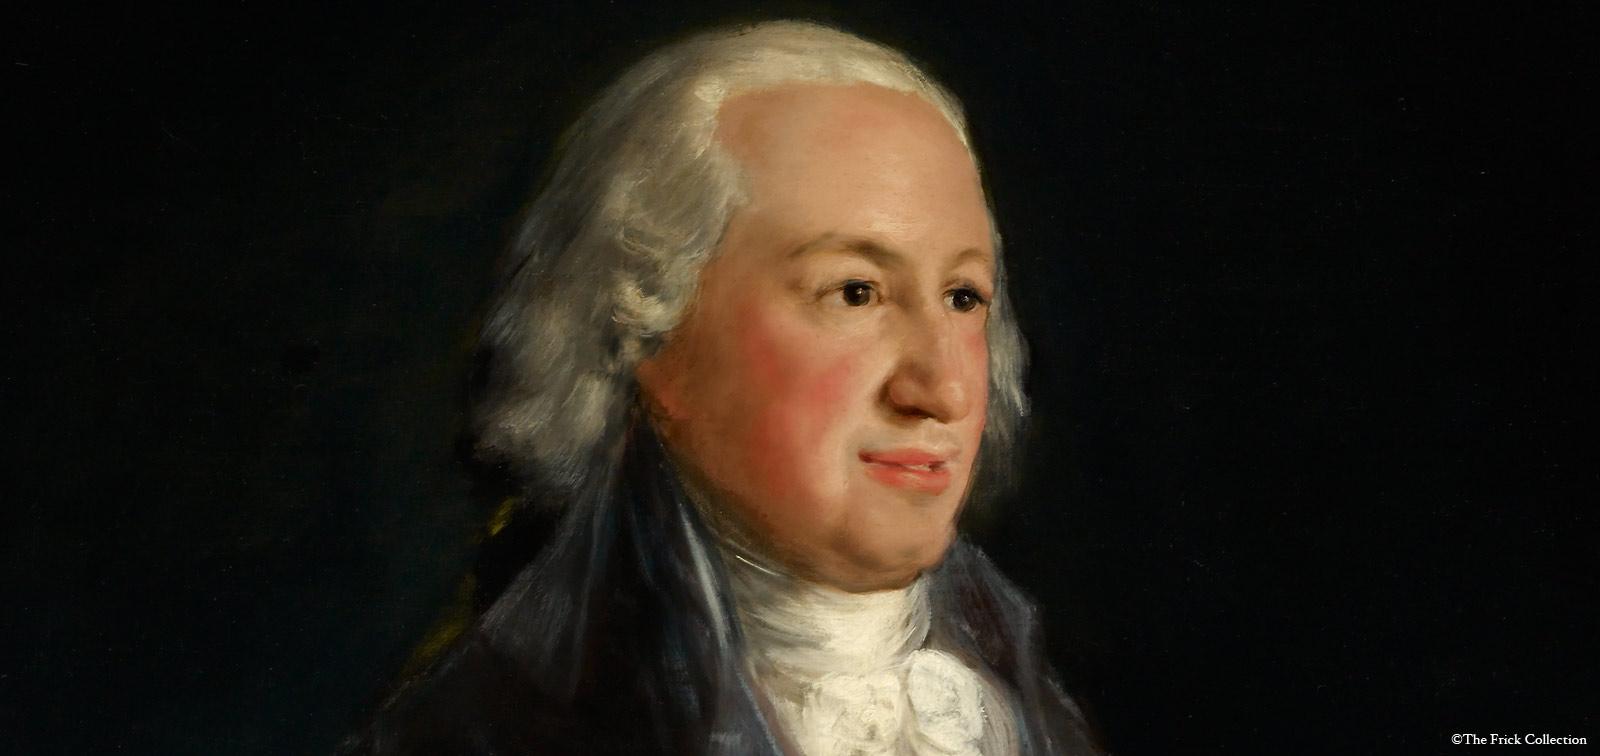 The invited work: Don Pedro de Alcántara Téllez-Girón y Pacheco, 9th Duke of Osuna